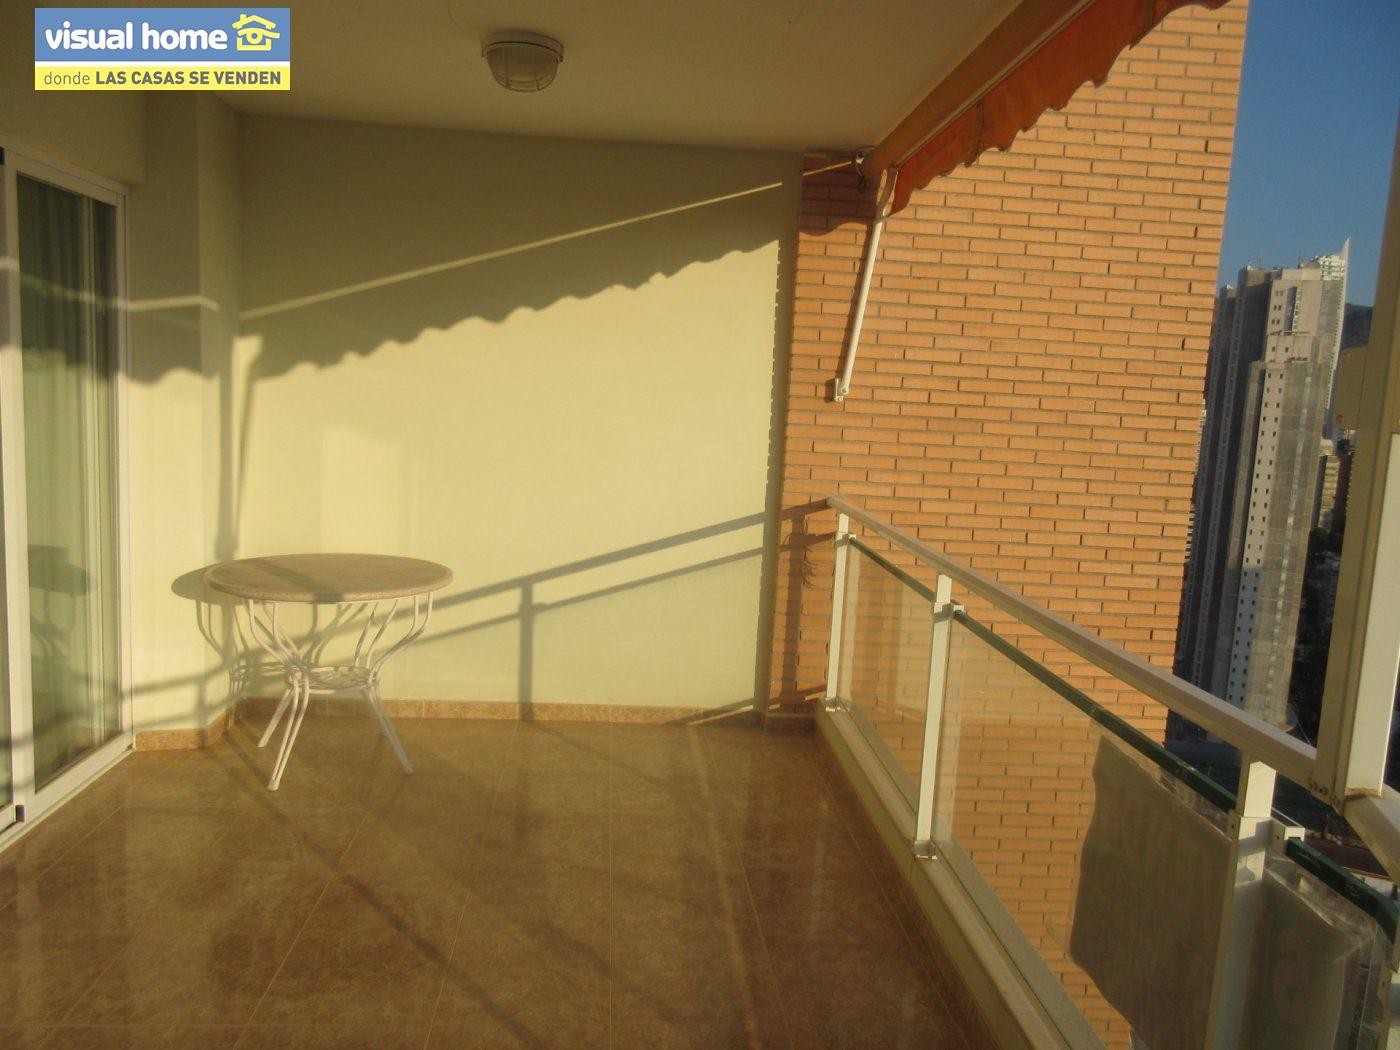 Apartamento 1 dormitorio con vistas espectaculares con parking y piscina en Rincón de Loix llano 5